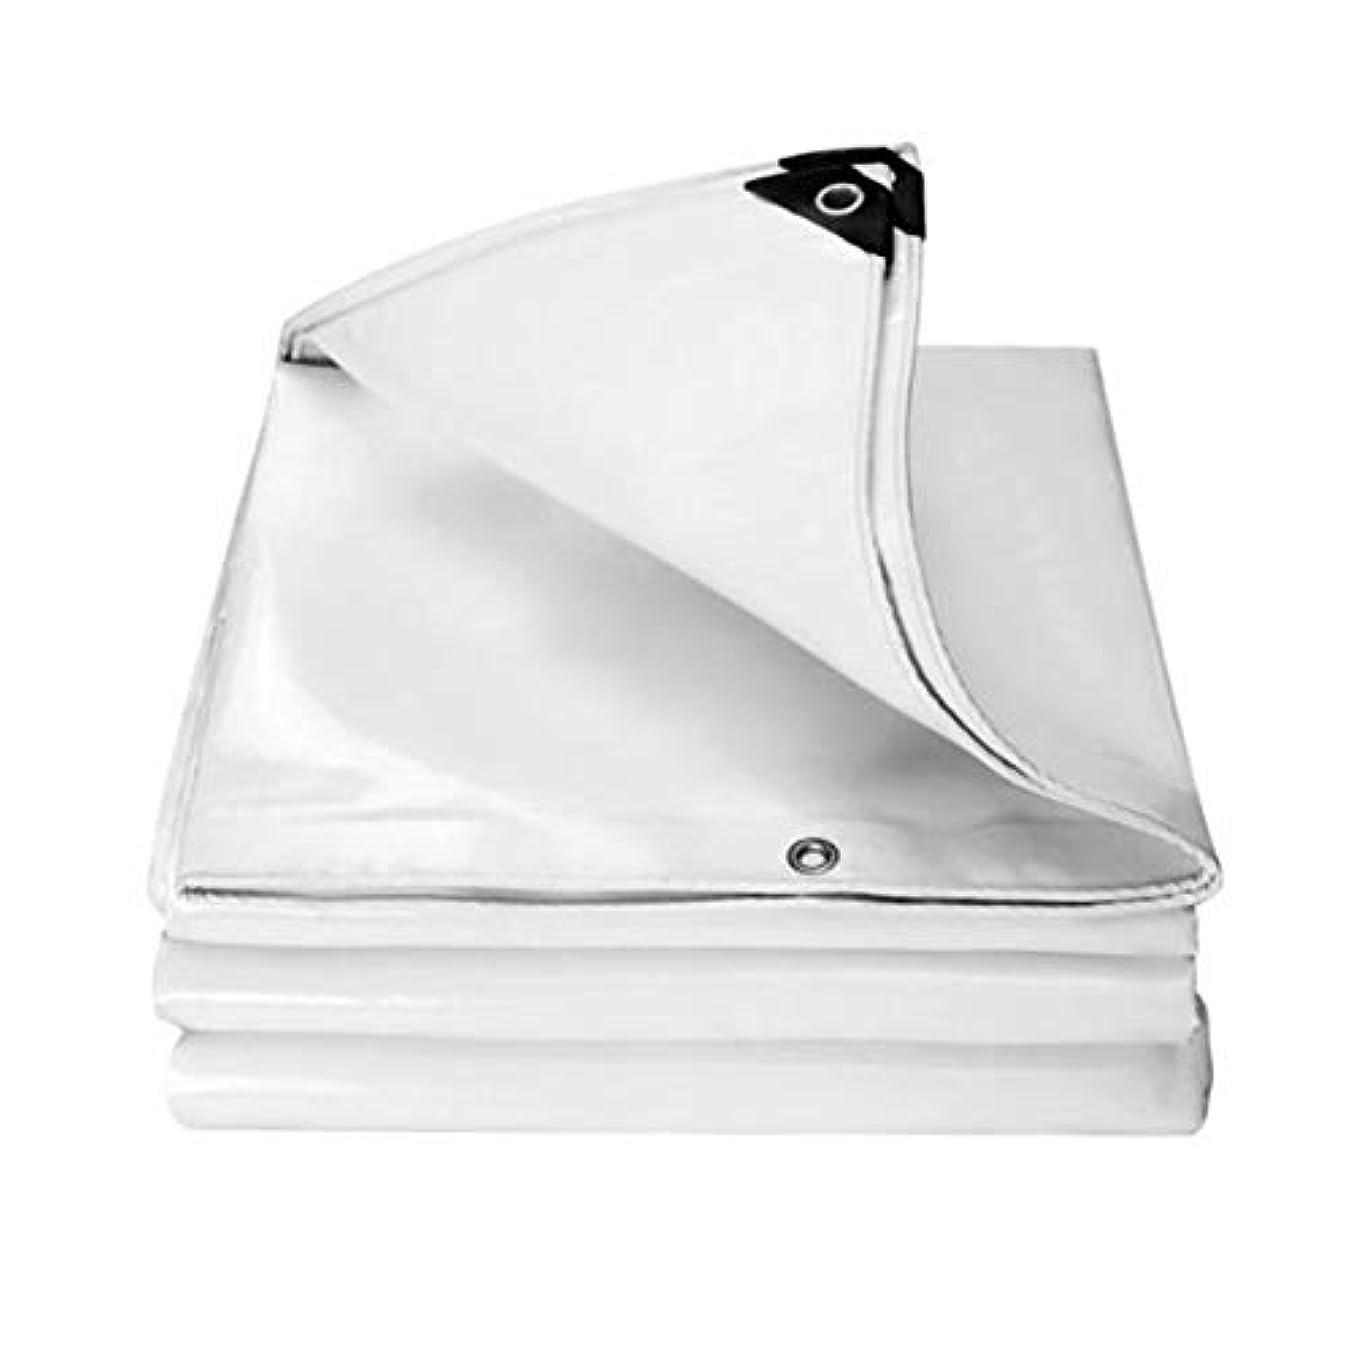 トリップ自動車借りるWJ タープ- Pvcコーティング布車の防水シート荷物カバーキャンバス防水アンチエイジングキャノピー屋外作物覆われた防水シートドロップシッピング /-/ (Color : 5M X 8M)